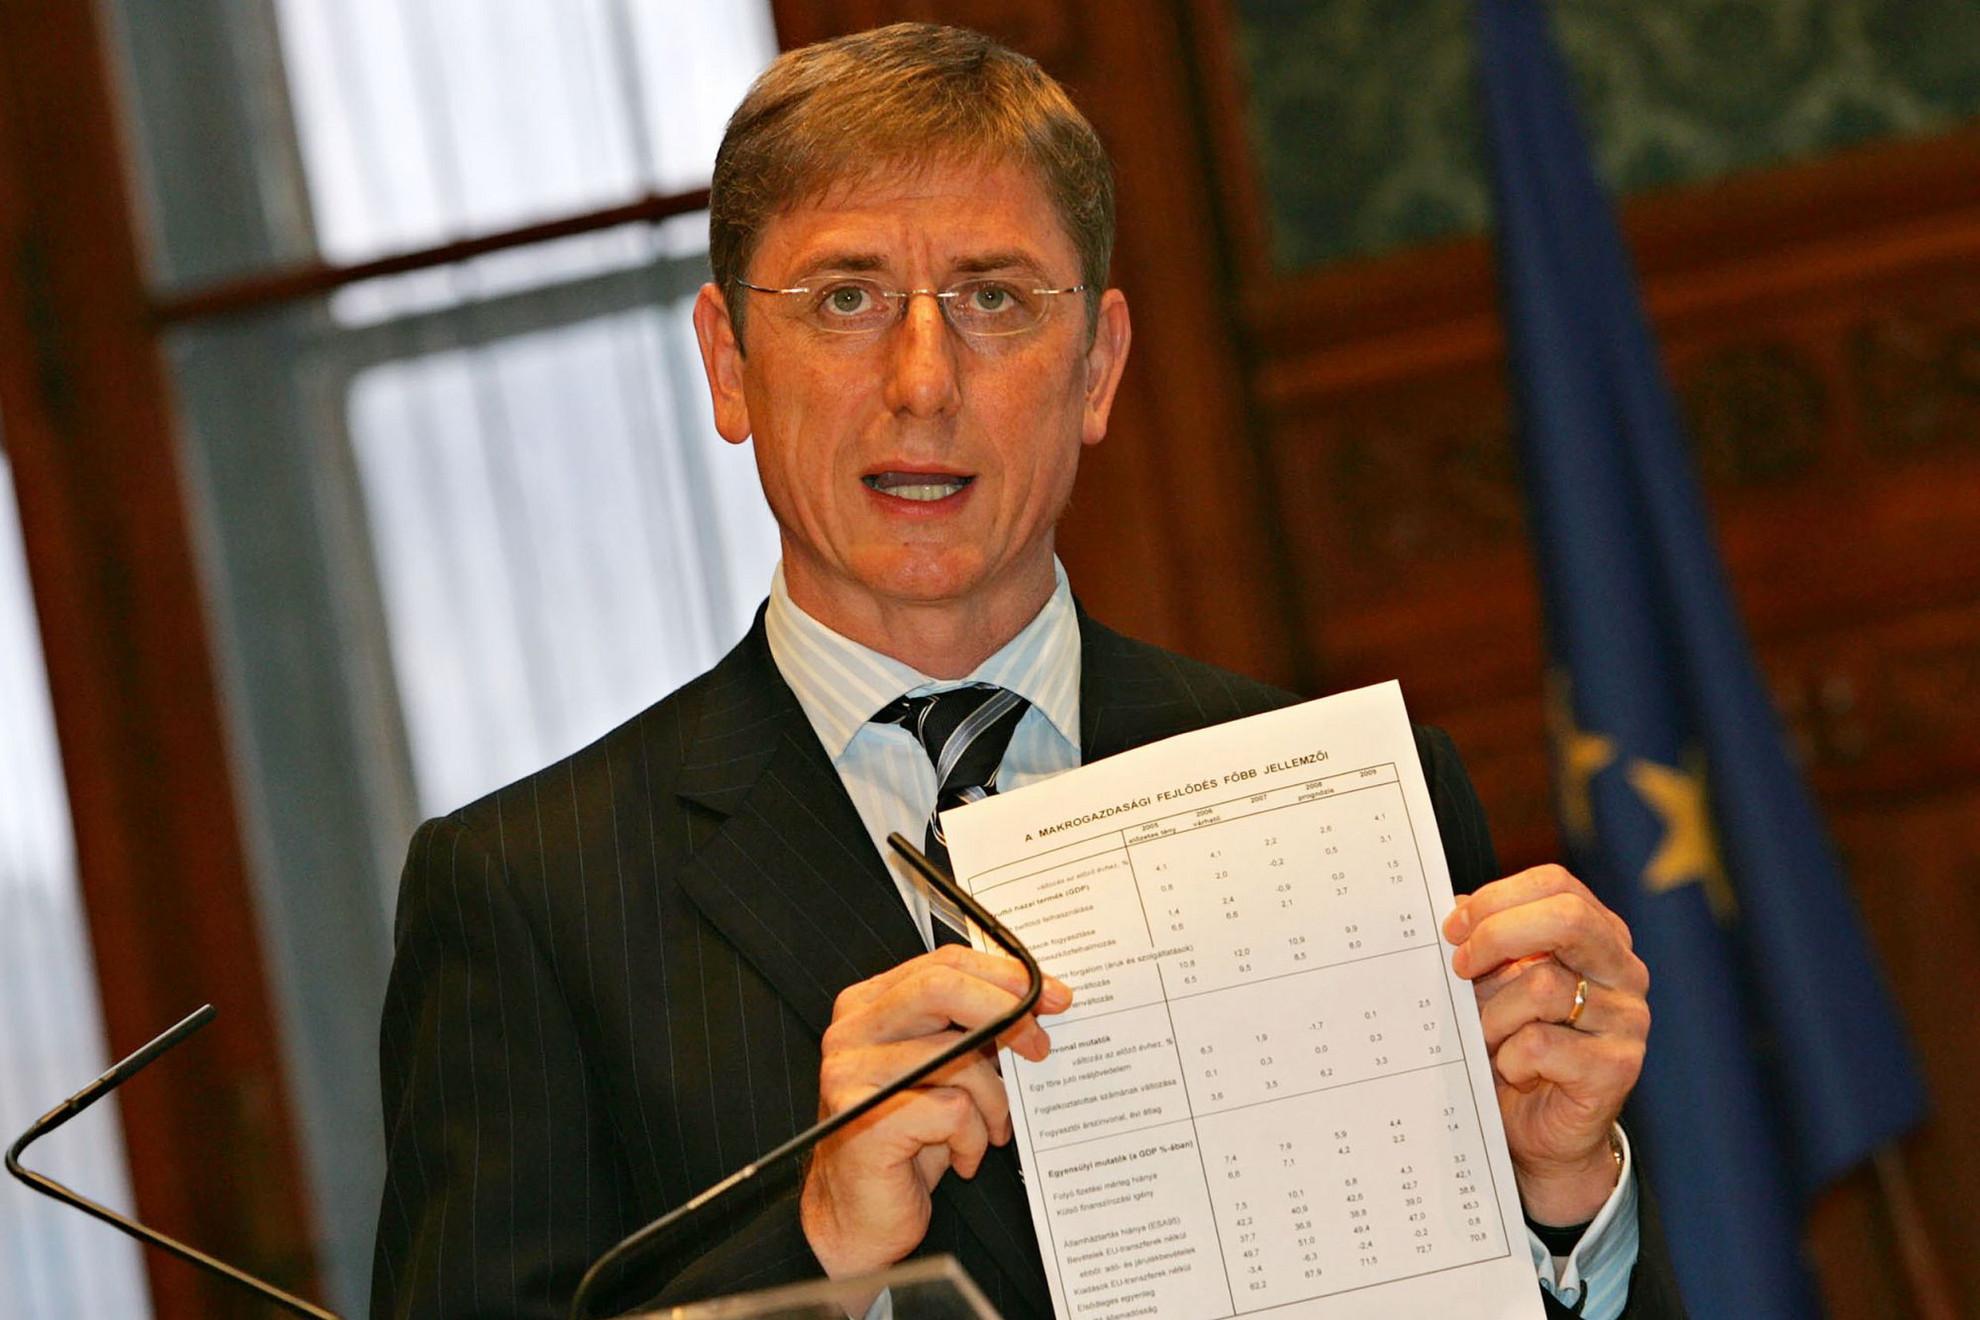 Kész átverés. Gyurcsány Ferenc miniszterelnökként 2006 tavaszán magyaráz